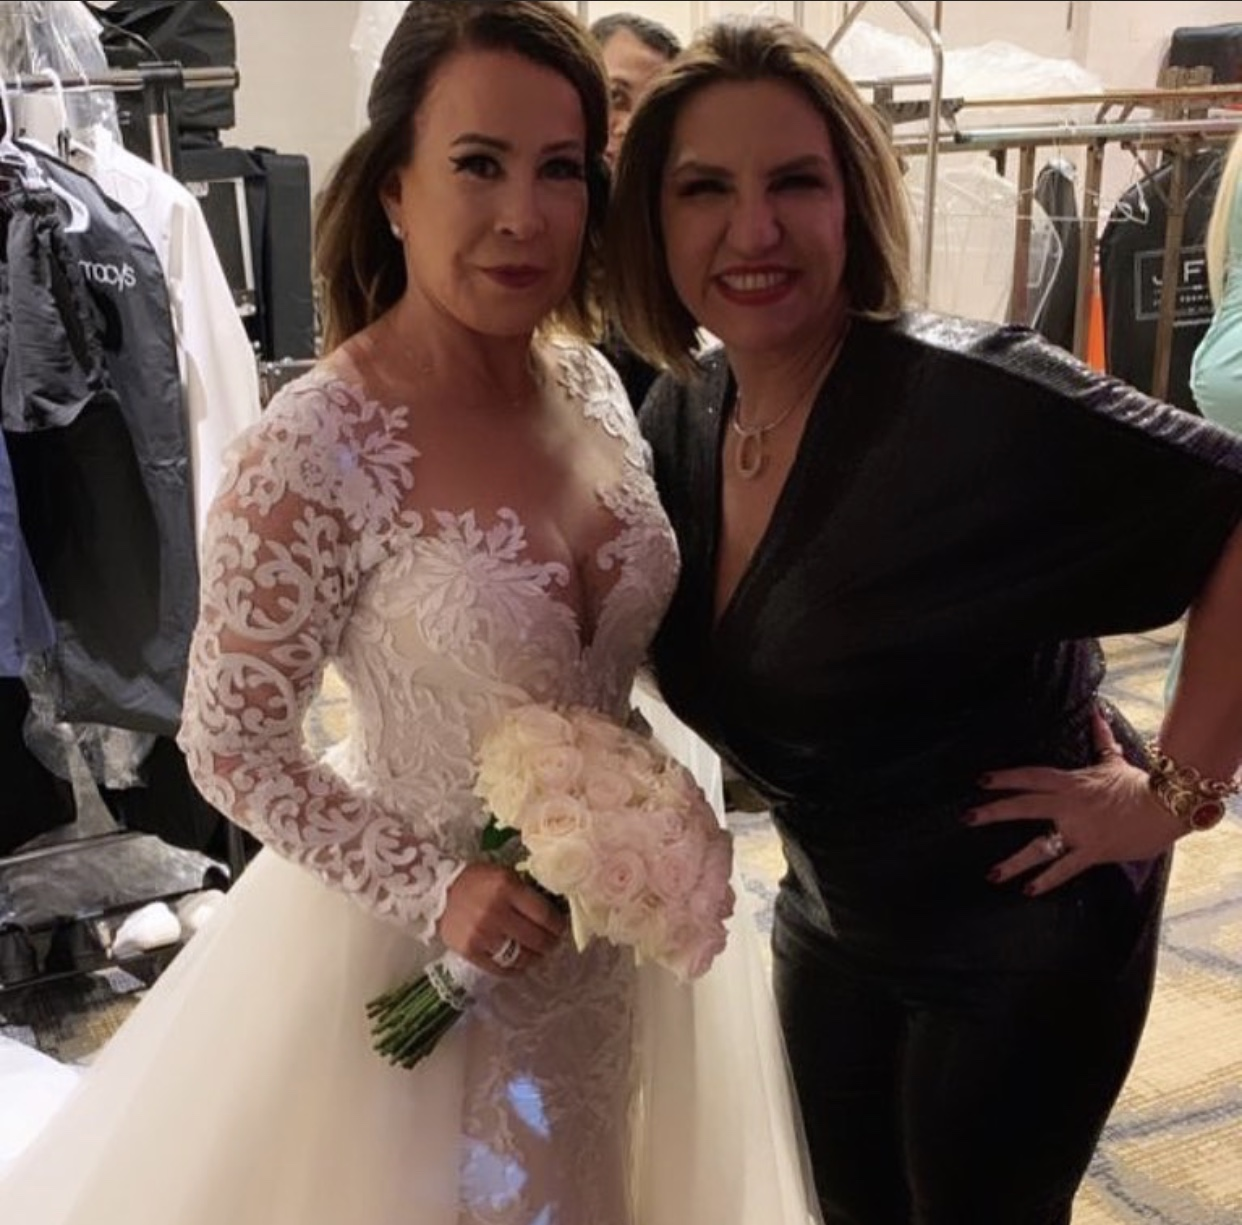 Zilu Camargo e seu vestido de noiva (foto: reprodução)